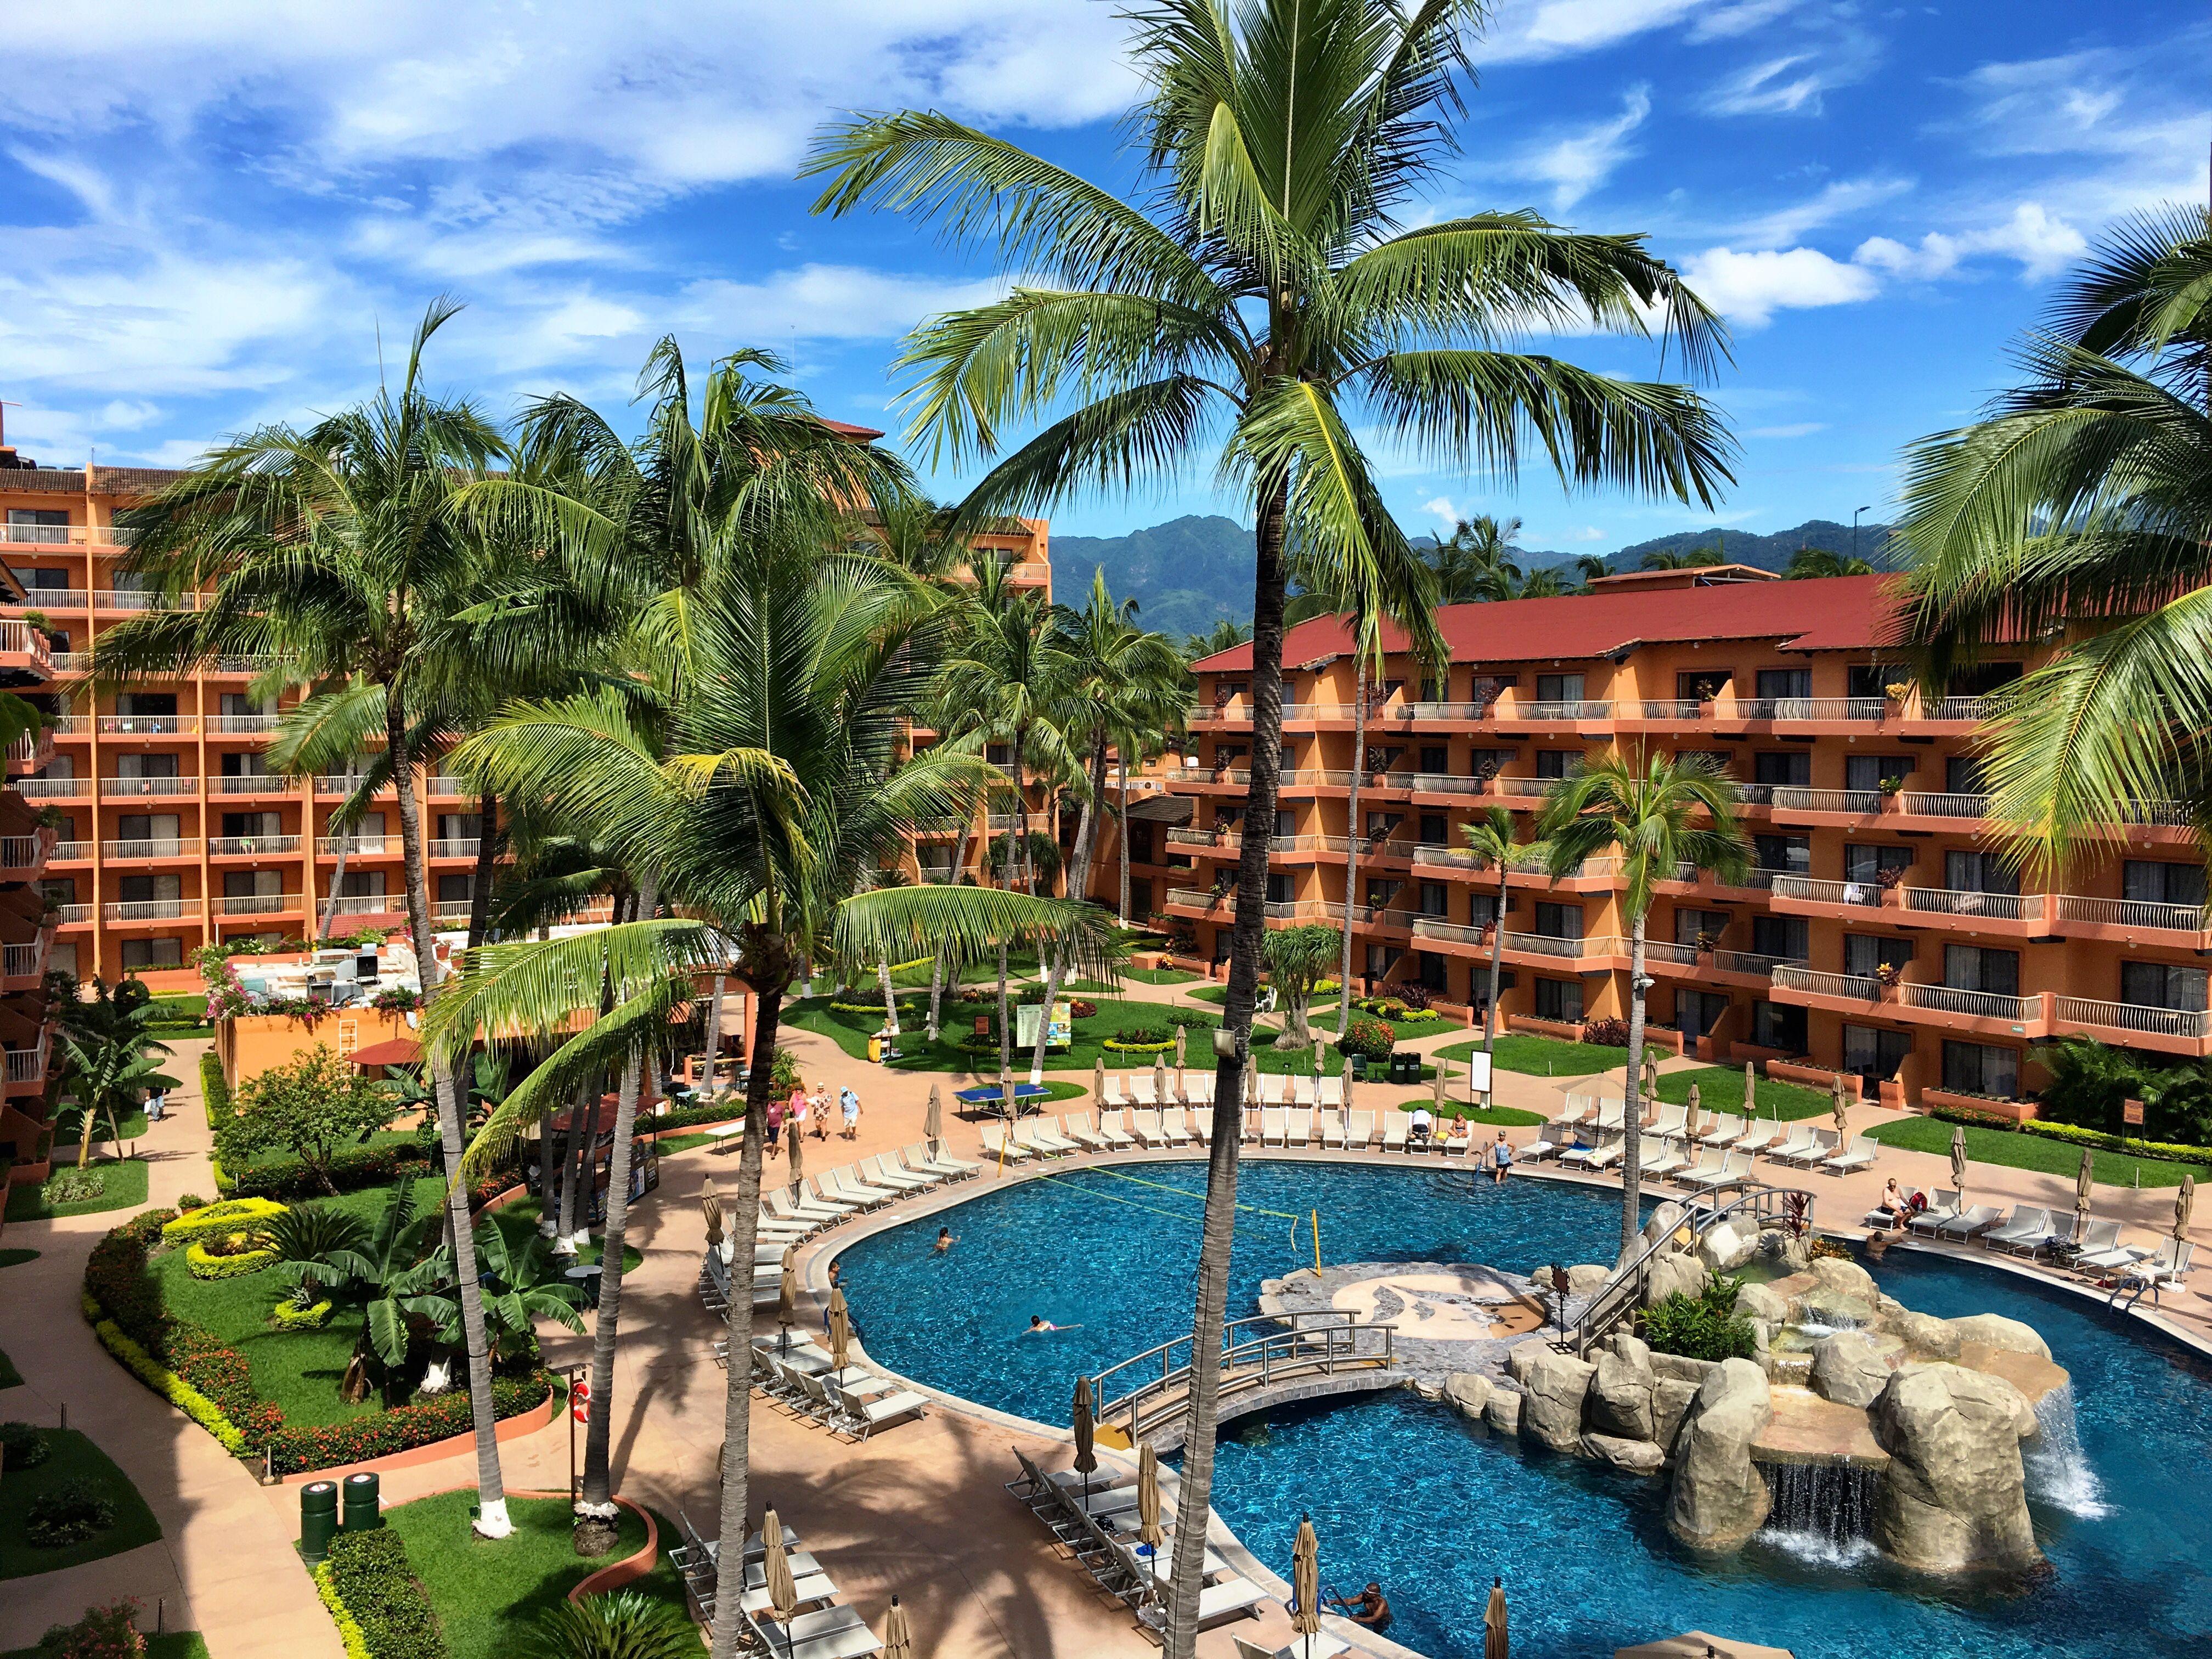 cc1ff8667 Villa del Palmar Puerto Vallarta Beach Resort   Spa  Resort Review  - Becky  Boricua